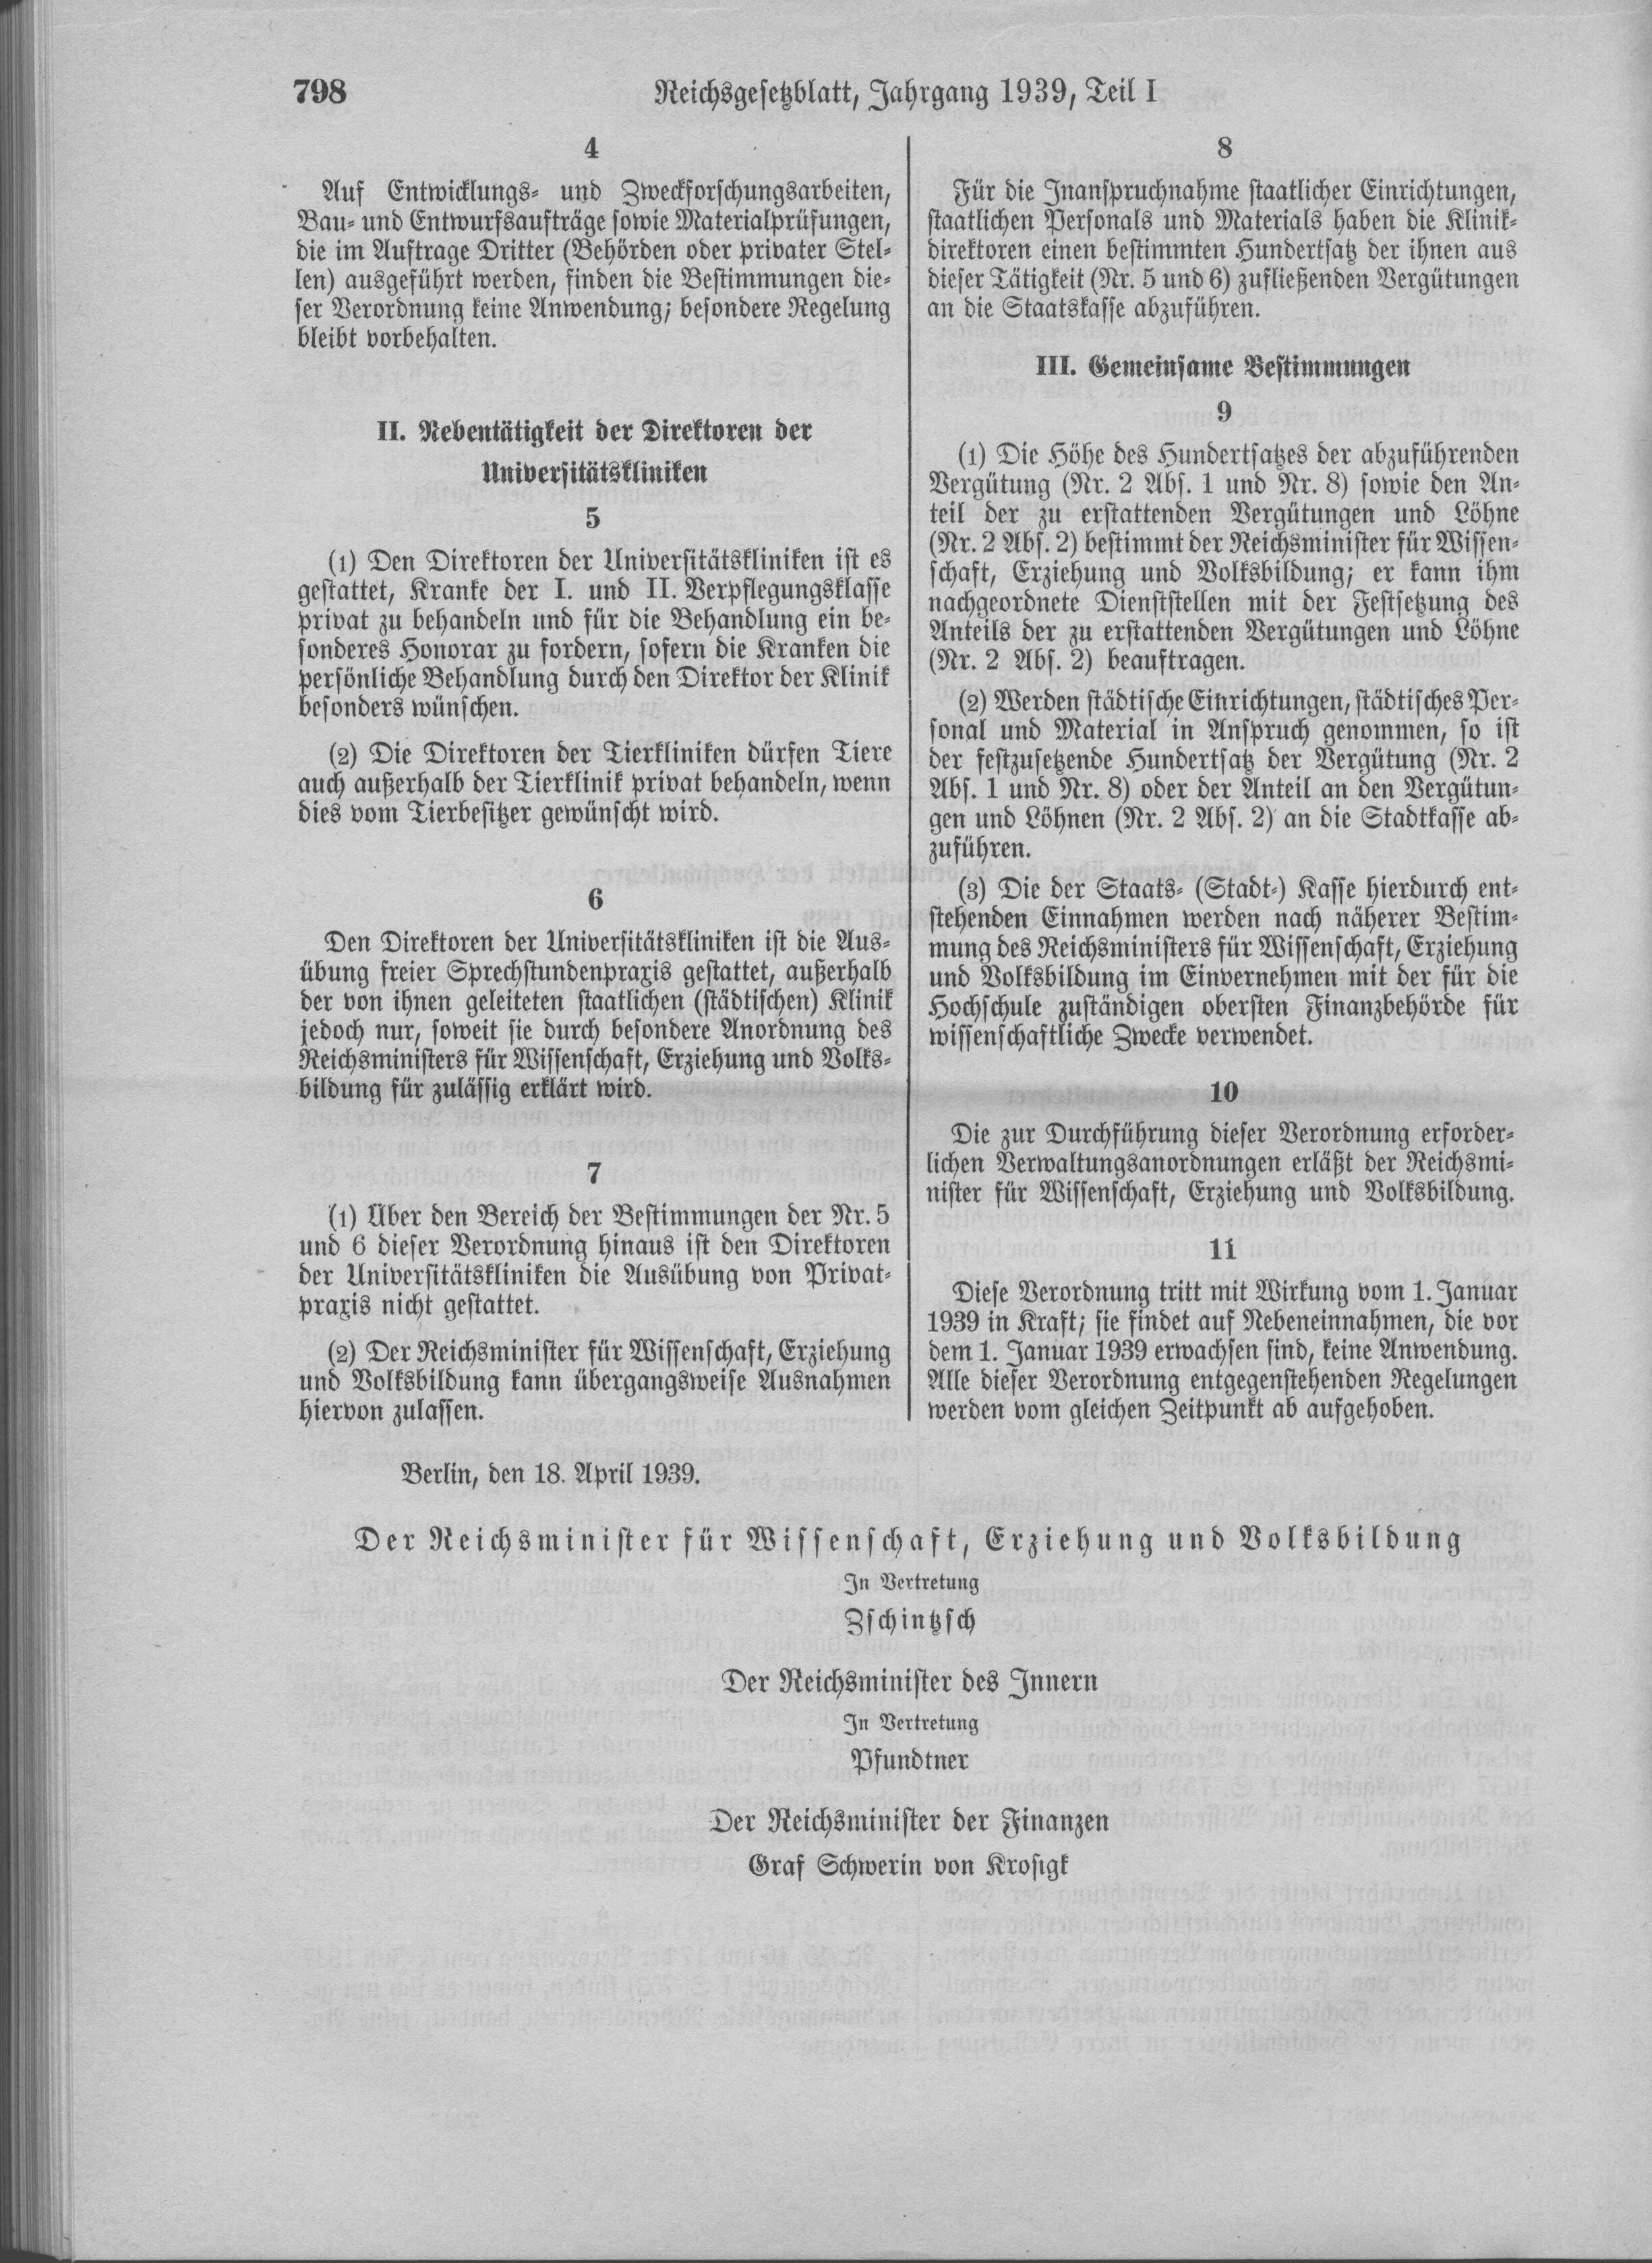 Besondere Len file deutsches reichsgesetzblatt 39t1 076 0798 jpg wikimedia commons